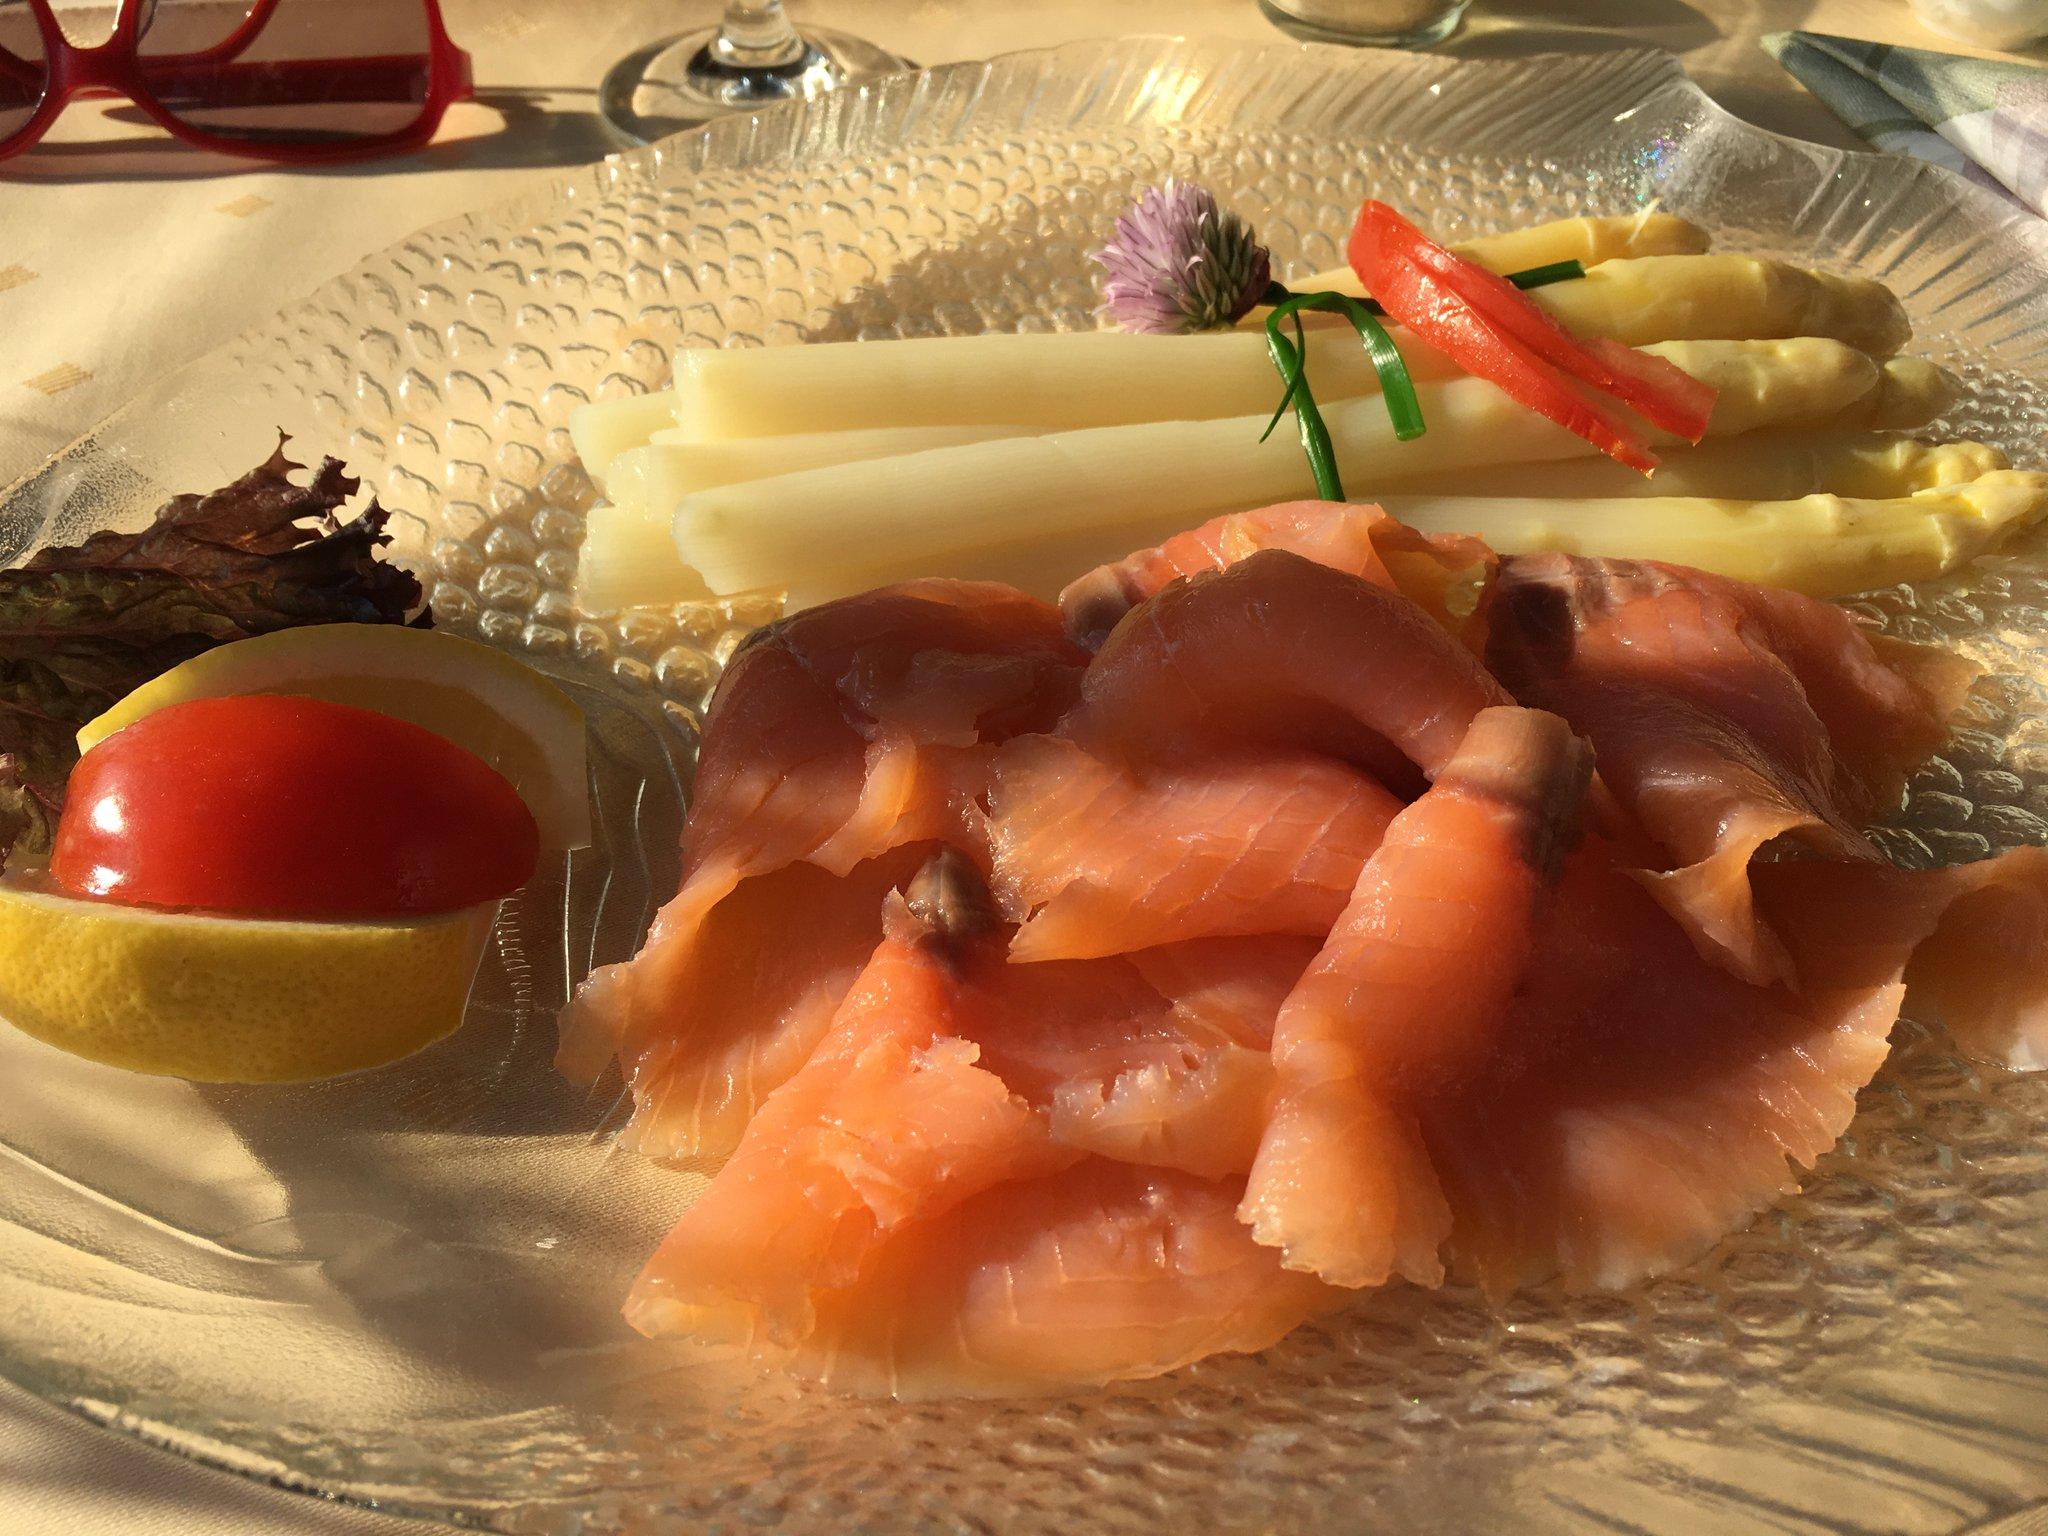 Abendessen. Mal kein Fisch. Sondern Spargel. Aber mit Fisch! #meurers #strandliebe https://t.co/ogQN89hFzn